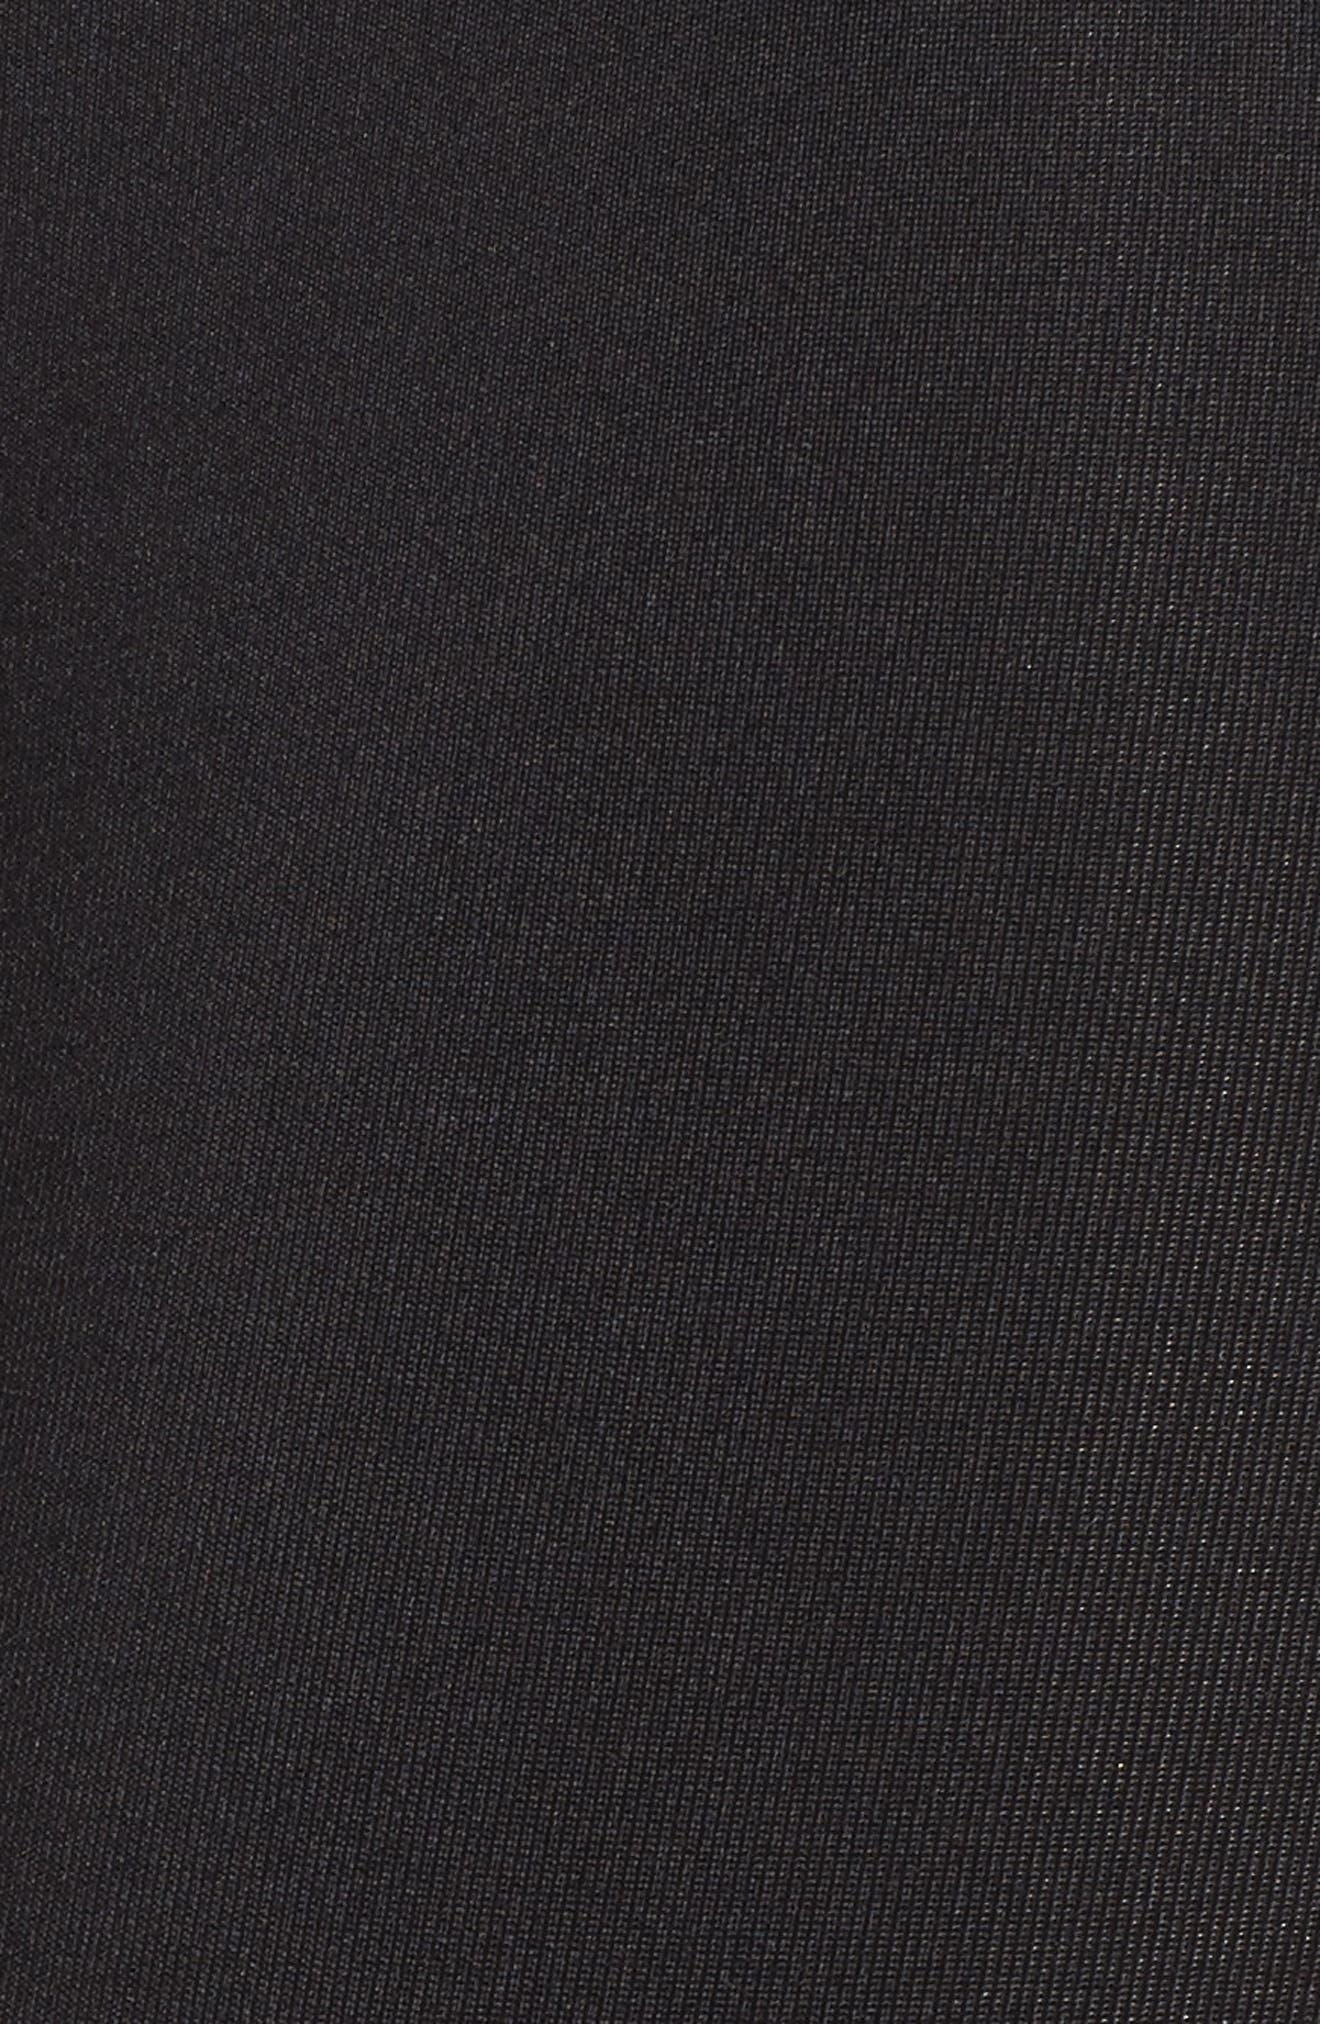 Grand Leggings,                             Alternate thumbnail 6, color,                             Black/ Aurum